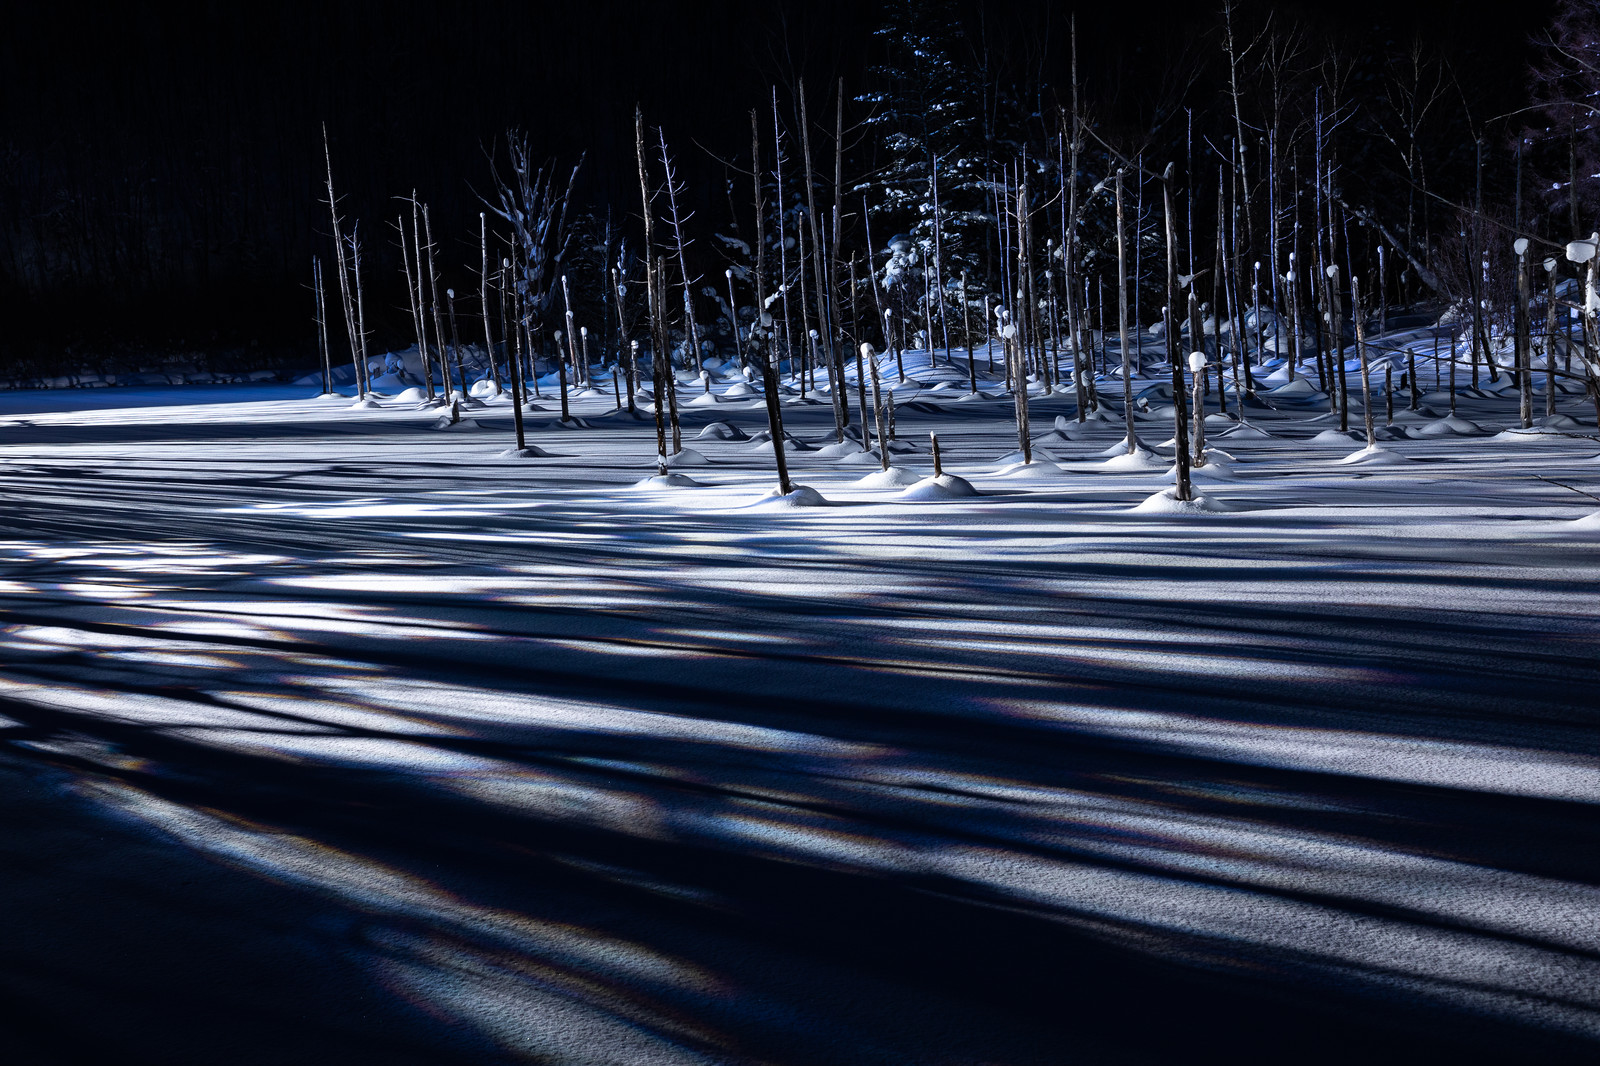 「雪積もる青い池と伸びる影」の写真